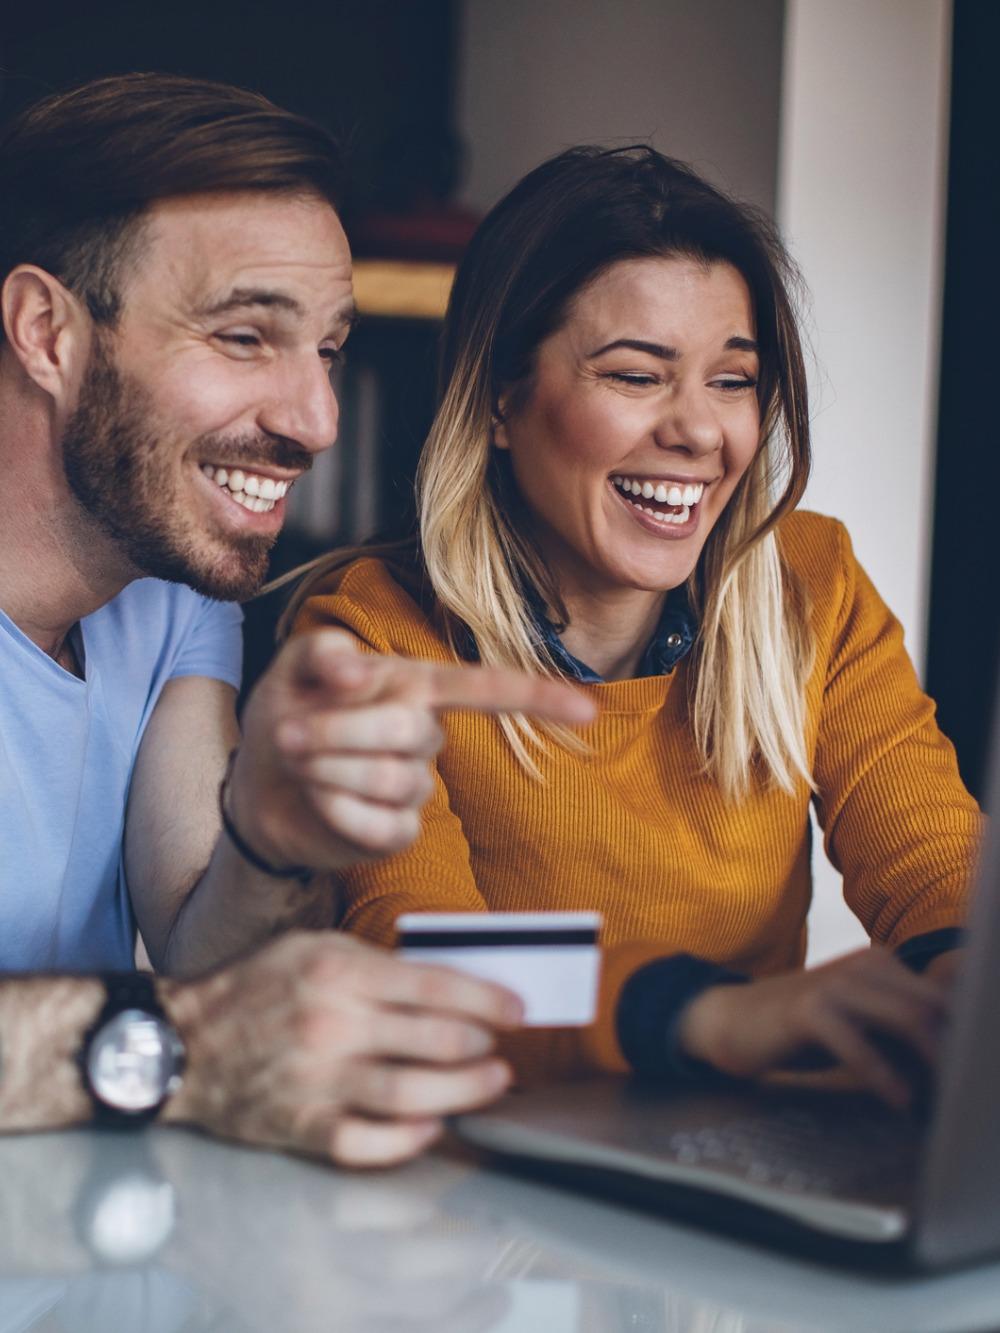 colabore-pessoas-felizes-comprando-online.jpg